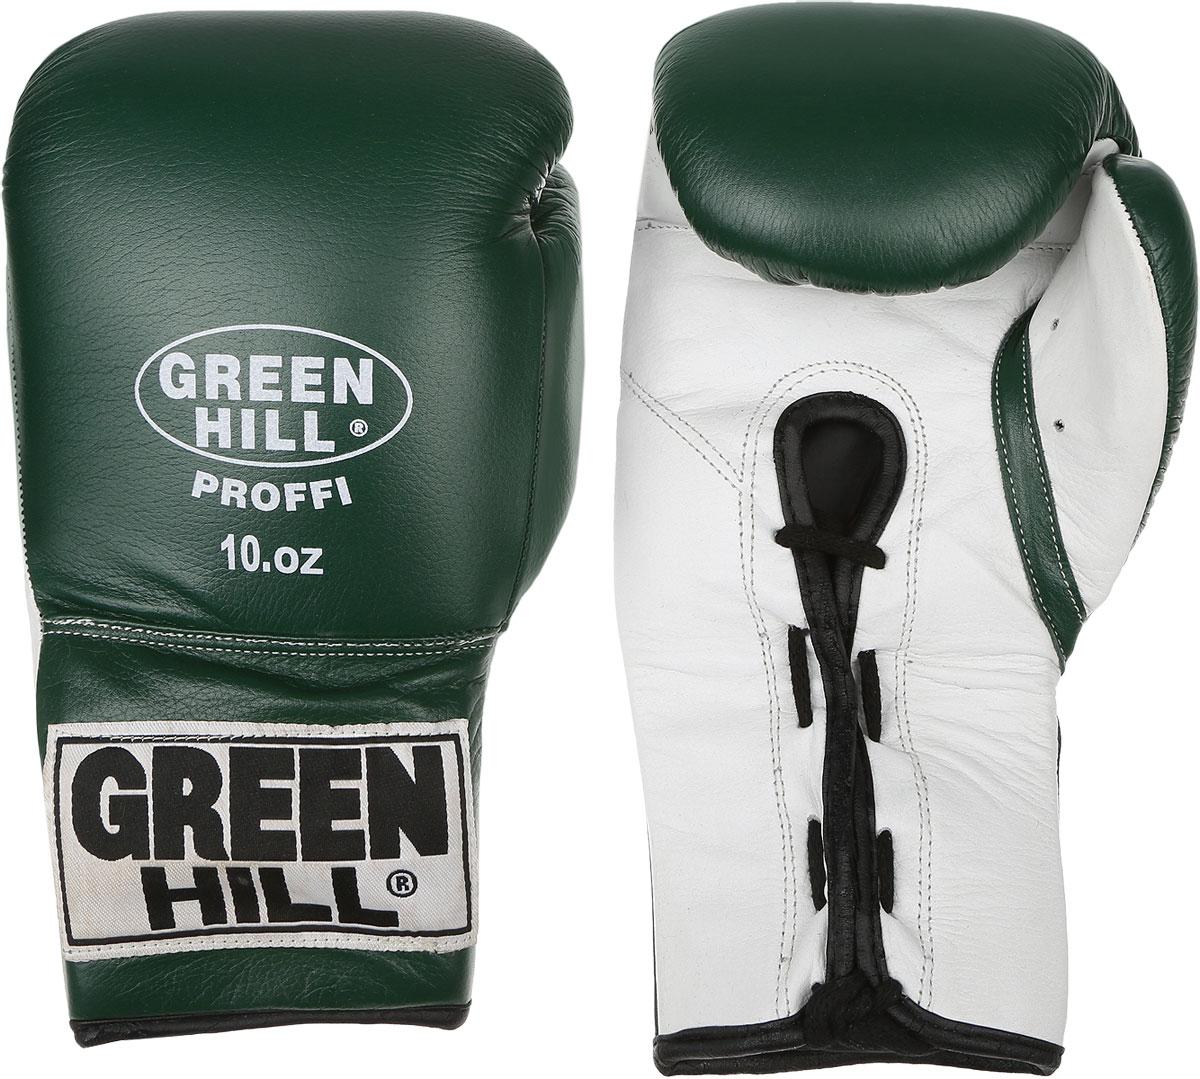 Перчатки боксерские Green Hill Proffi, цвет: зеленый, белый. Вес 10 унций. BGP-2014BGD-2050Боксерские перчатки Green Hill Proffi предназначены для использования профессионалами. Верх выполнен из натуральной кожи, наполнитель - из вспененного полимера. Отверстие в области ладони позволяет создать максимально комфортный терморежим во время занятий. Манжет на шнуровке способствует быстрому и удобному надеванию перчаток, плотно фиксирует перчатки на руке.